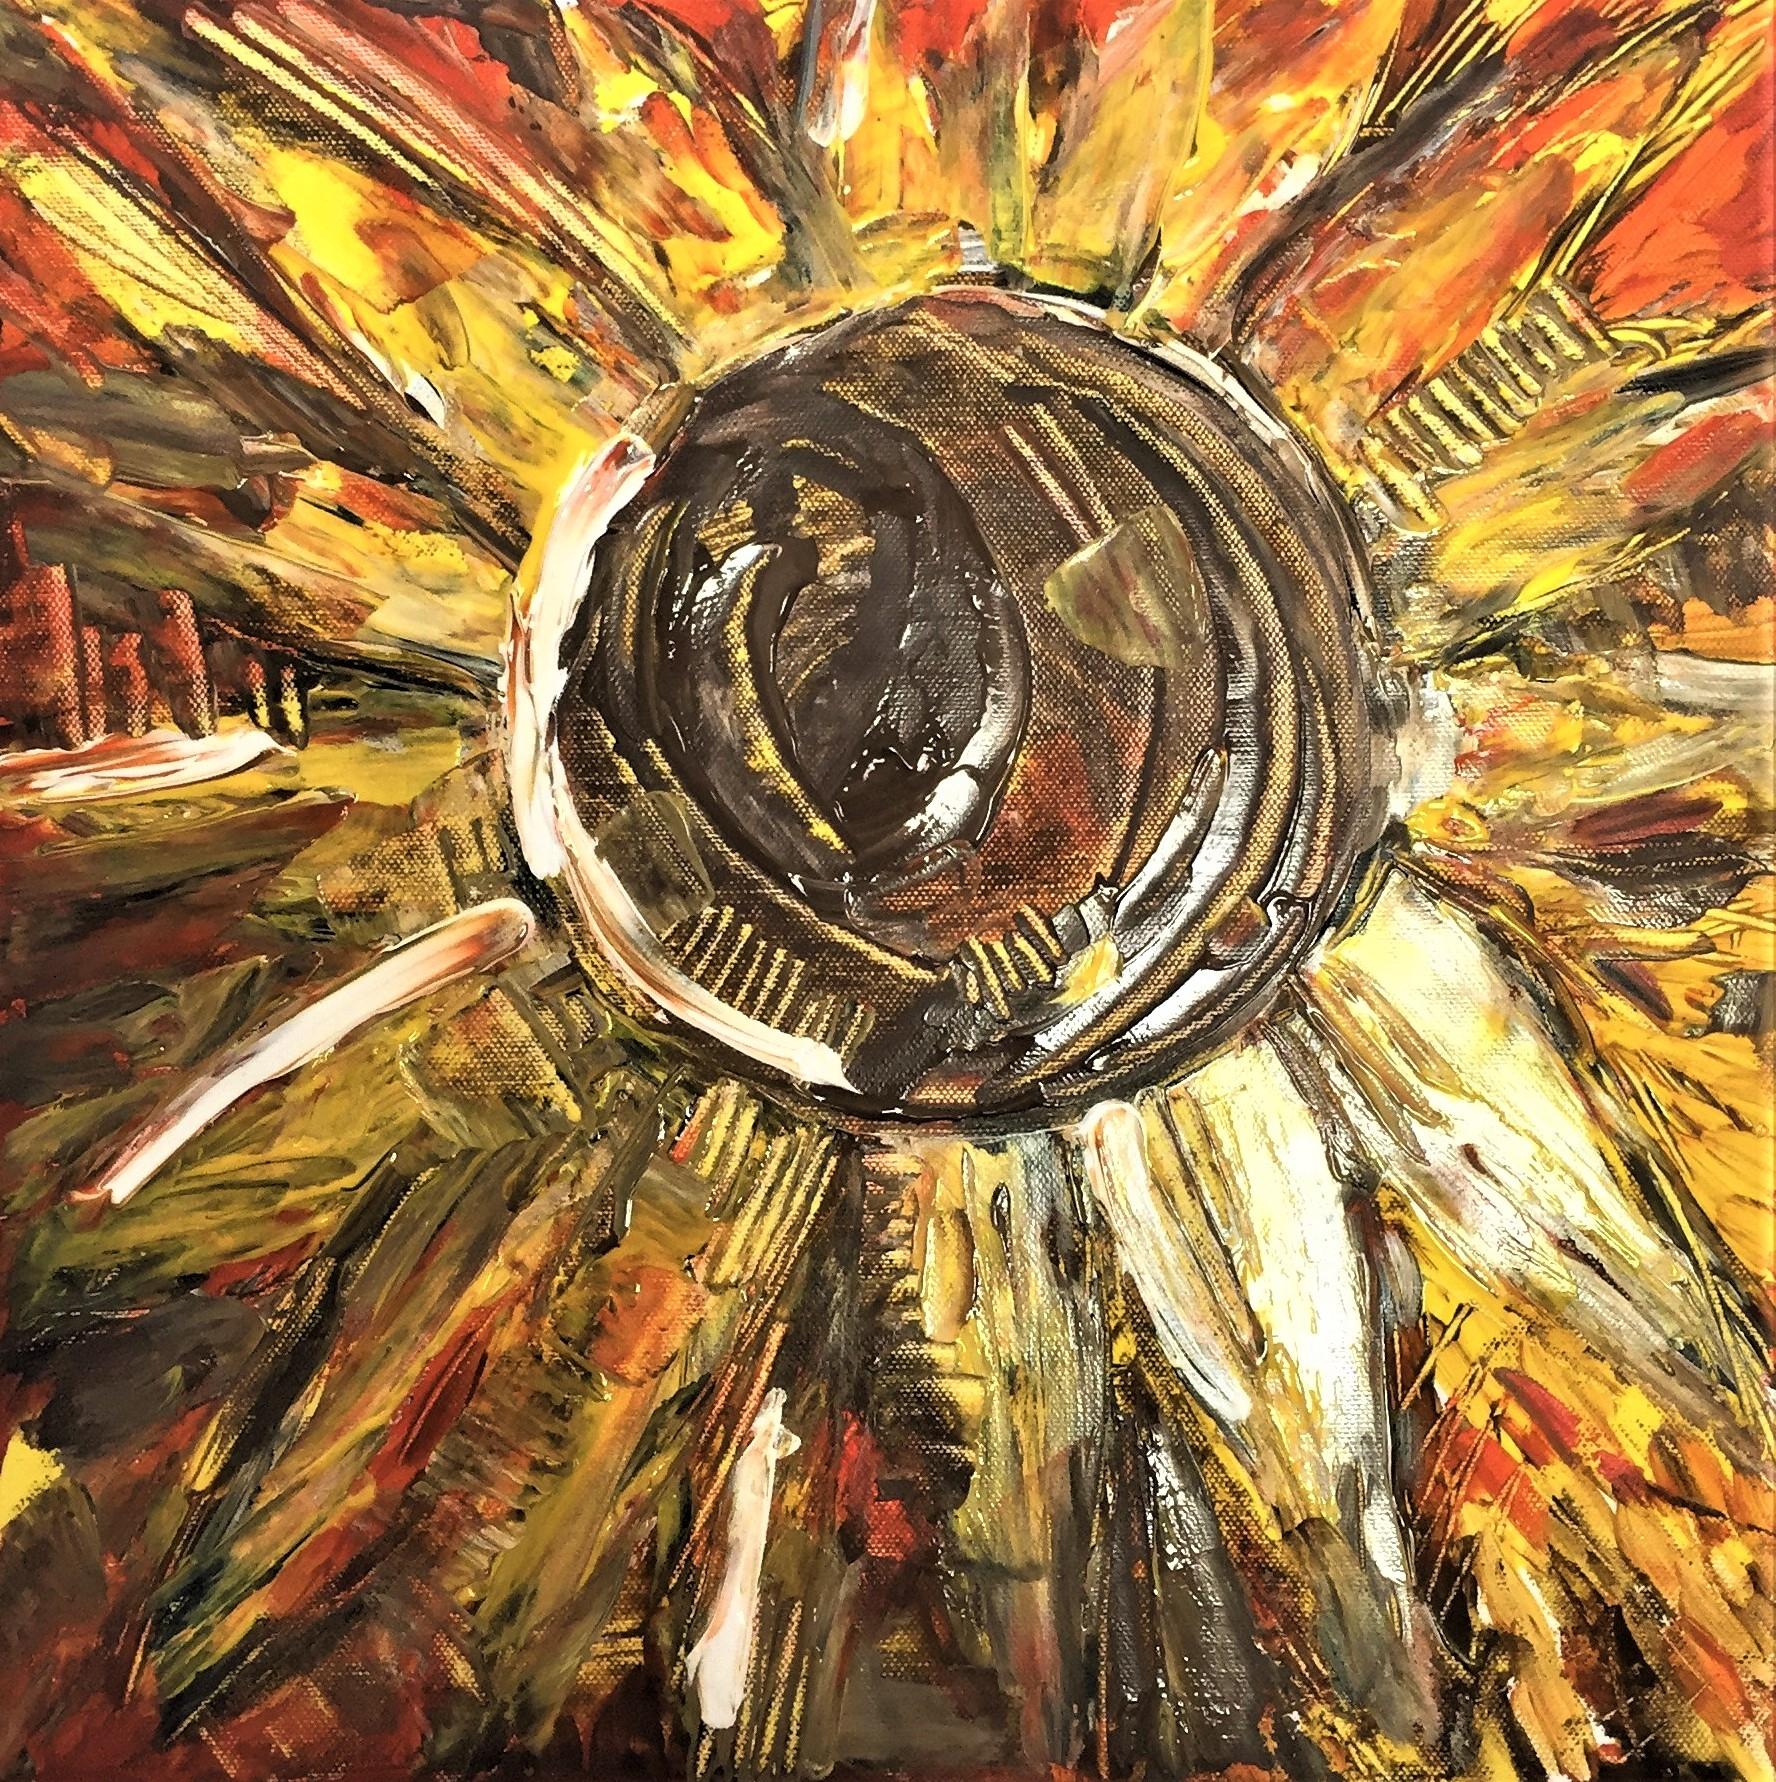 Dla kreatywnych - malowanie słonecznika